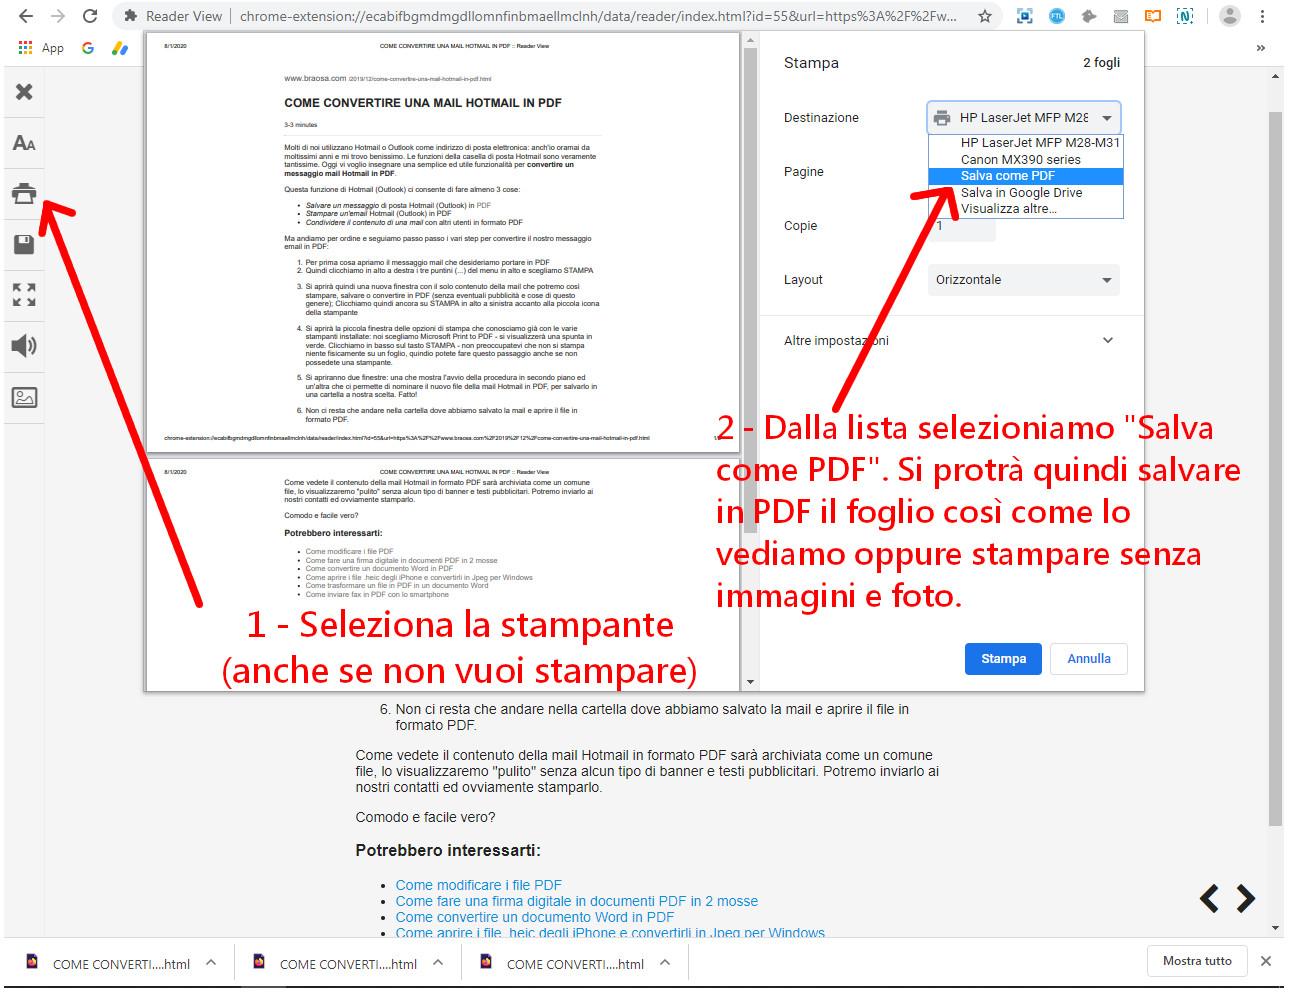 Esportare la pagina di un sito web in PDF oppure salvare